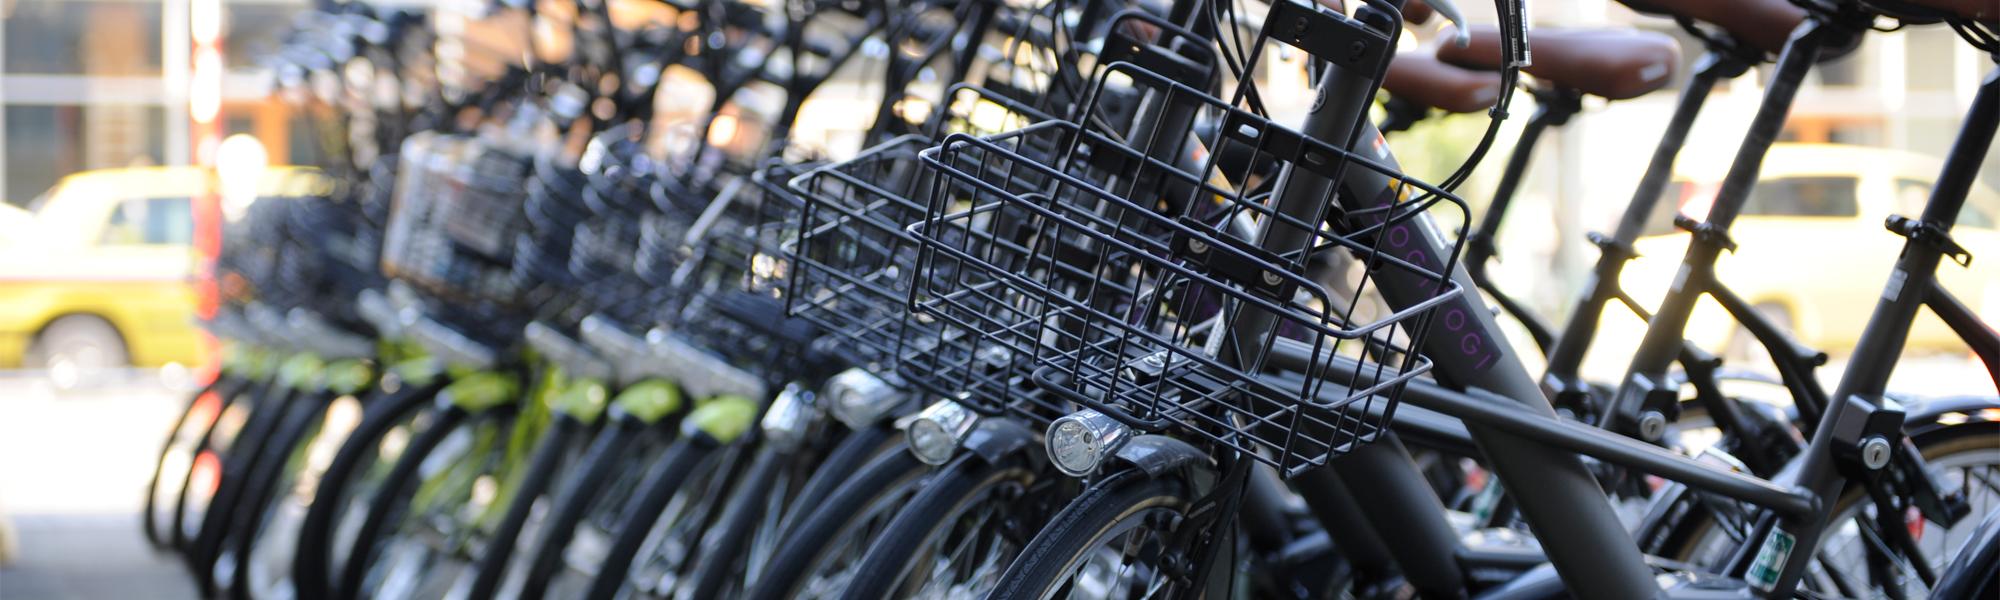 移動・運搬サポート01|電動アシスト自転車オギヤマサイクル